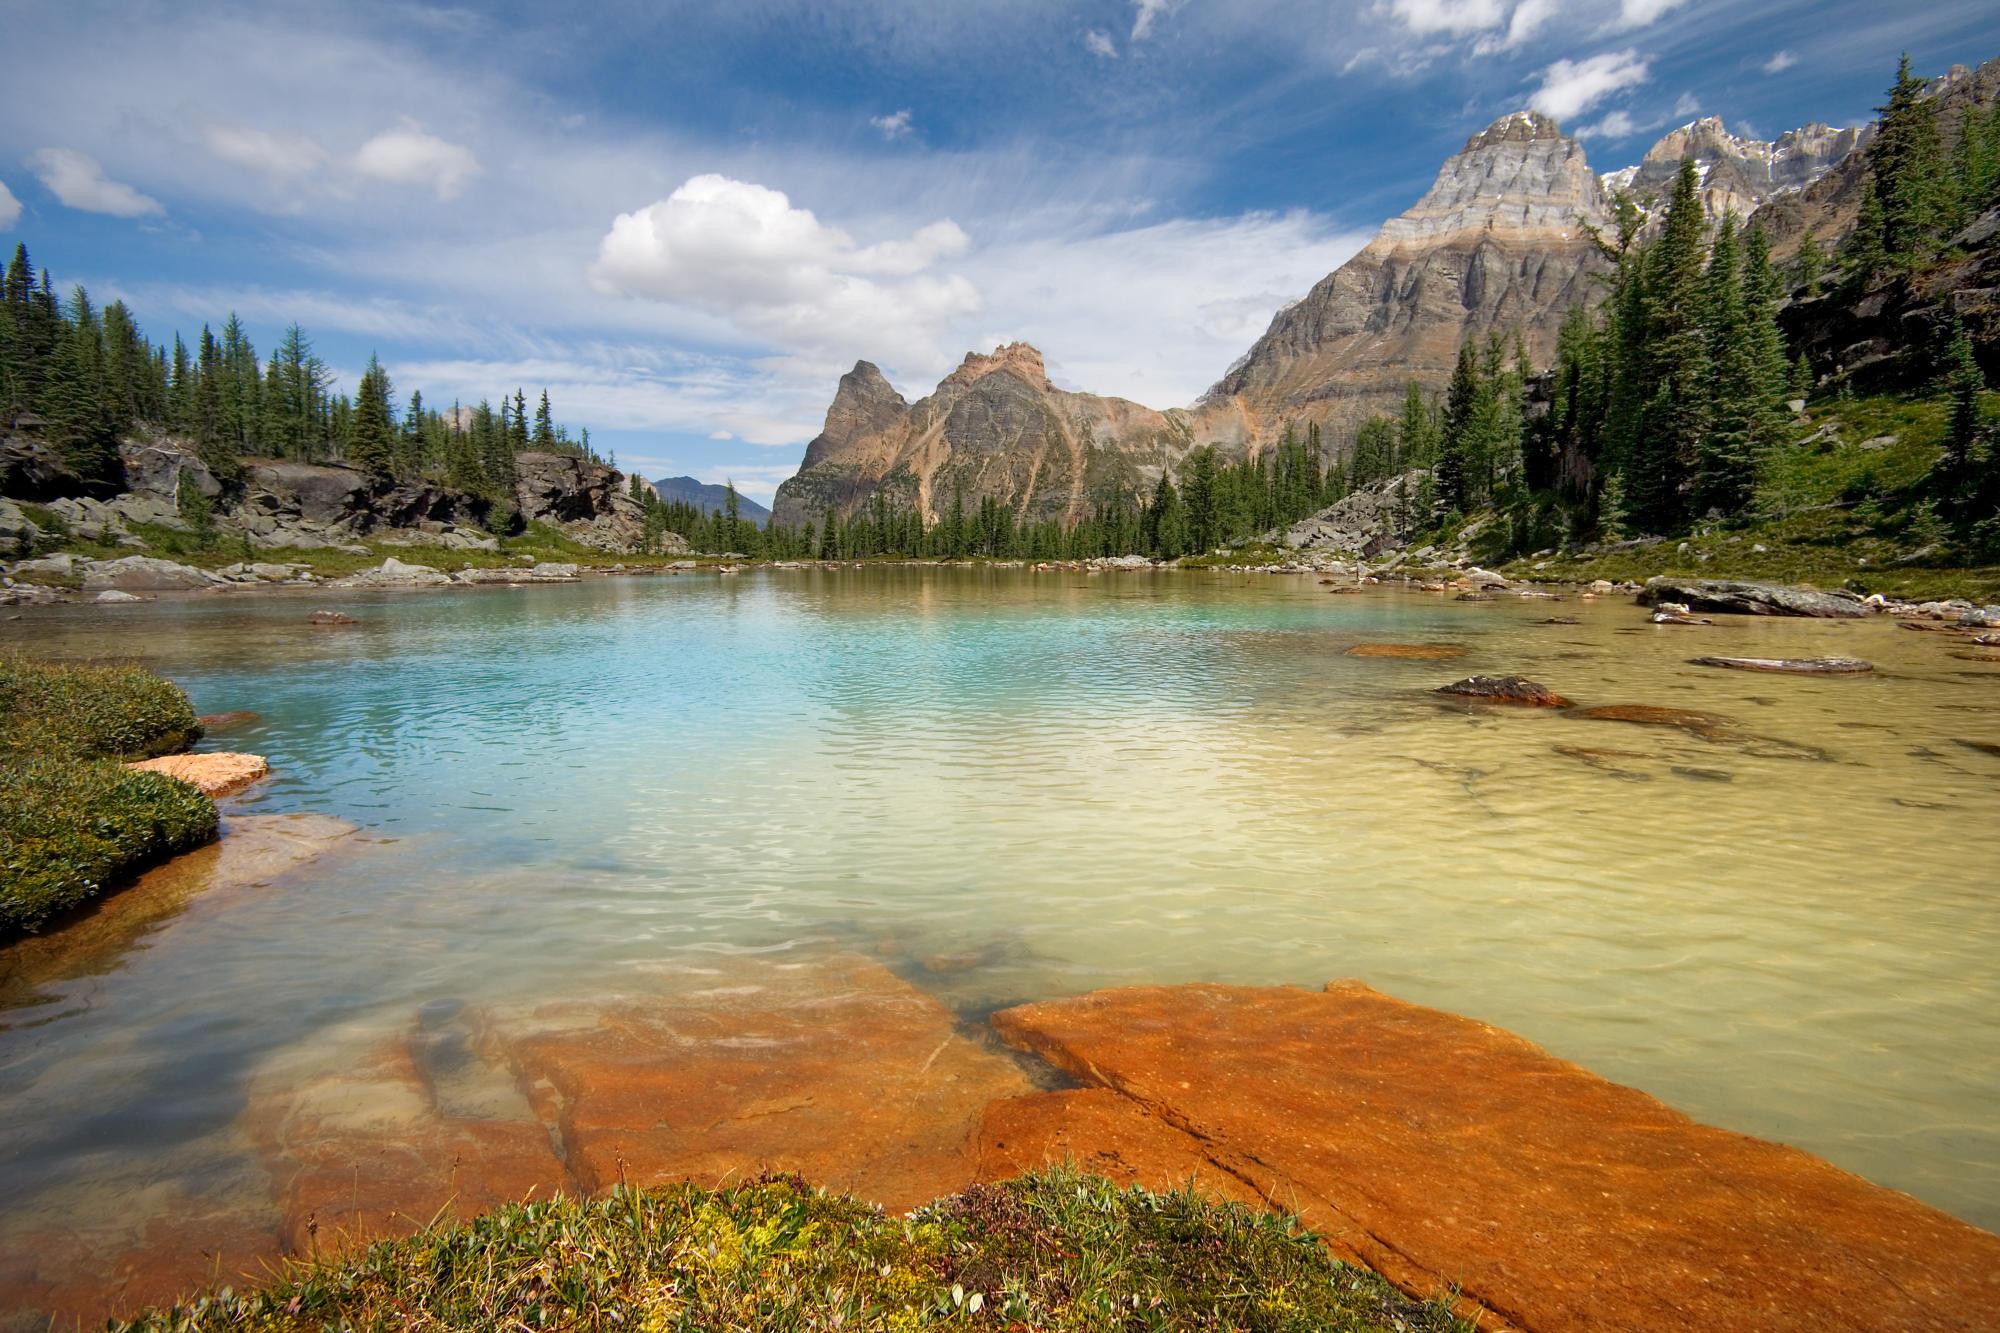 Sila nikmati pemandangan pemandangan yang indah ini boleh klik untuk